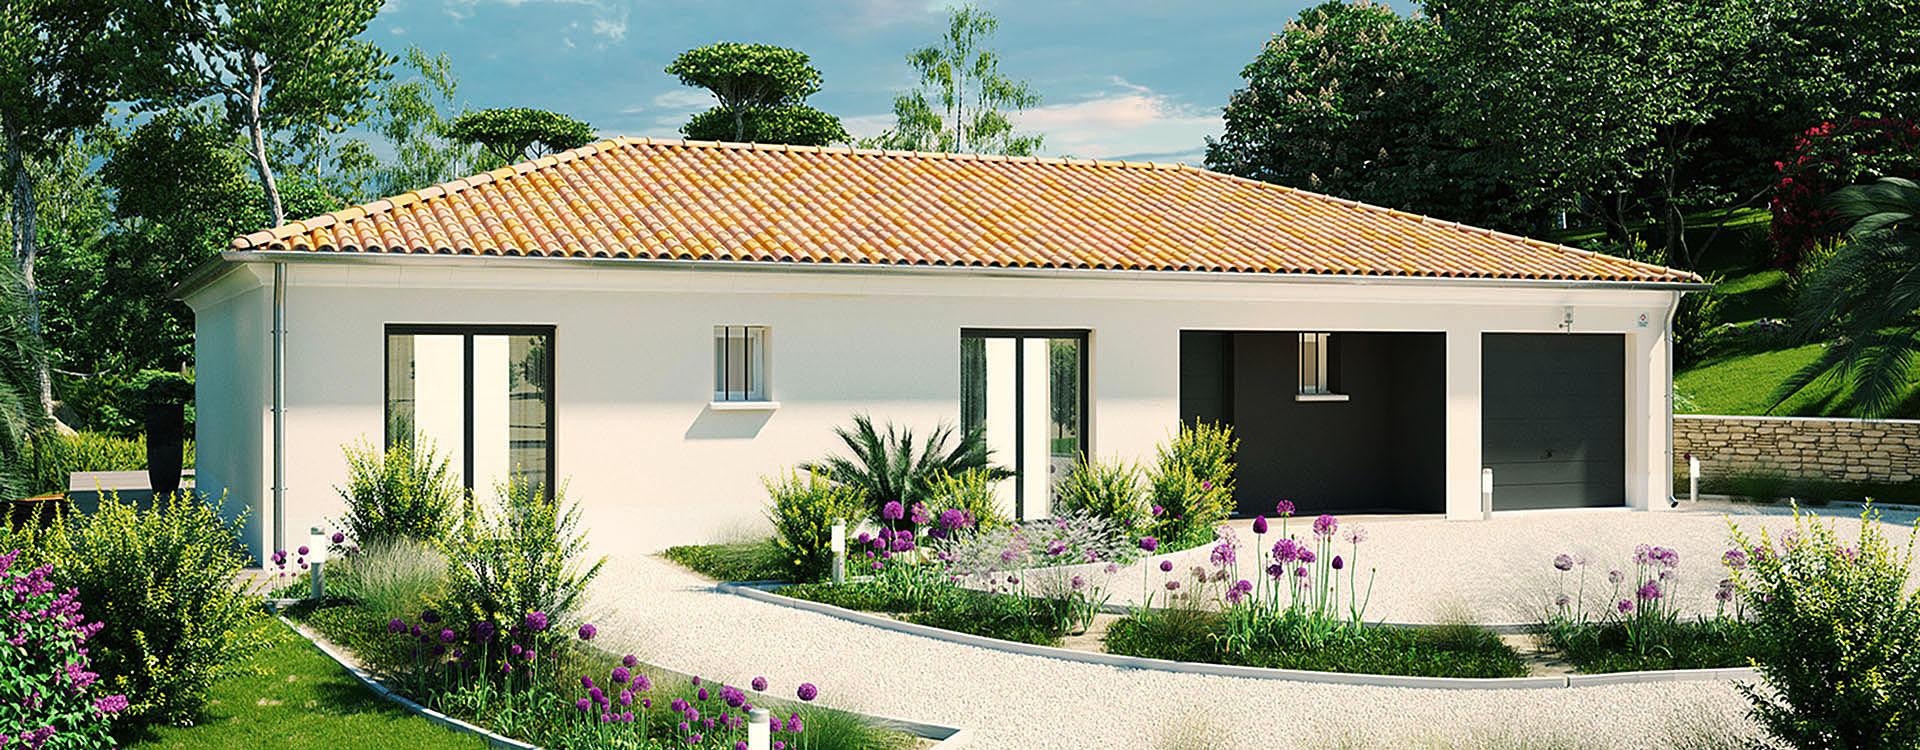 Maisons du constructeur MAISONS PIERRE PUISEUX PONTOISE • 115 m² • VAUREAL